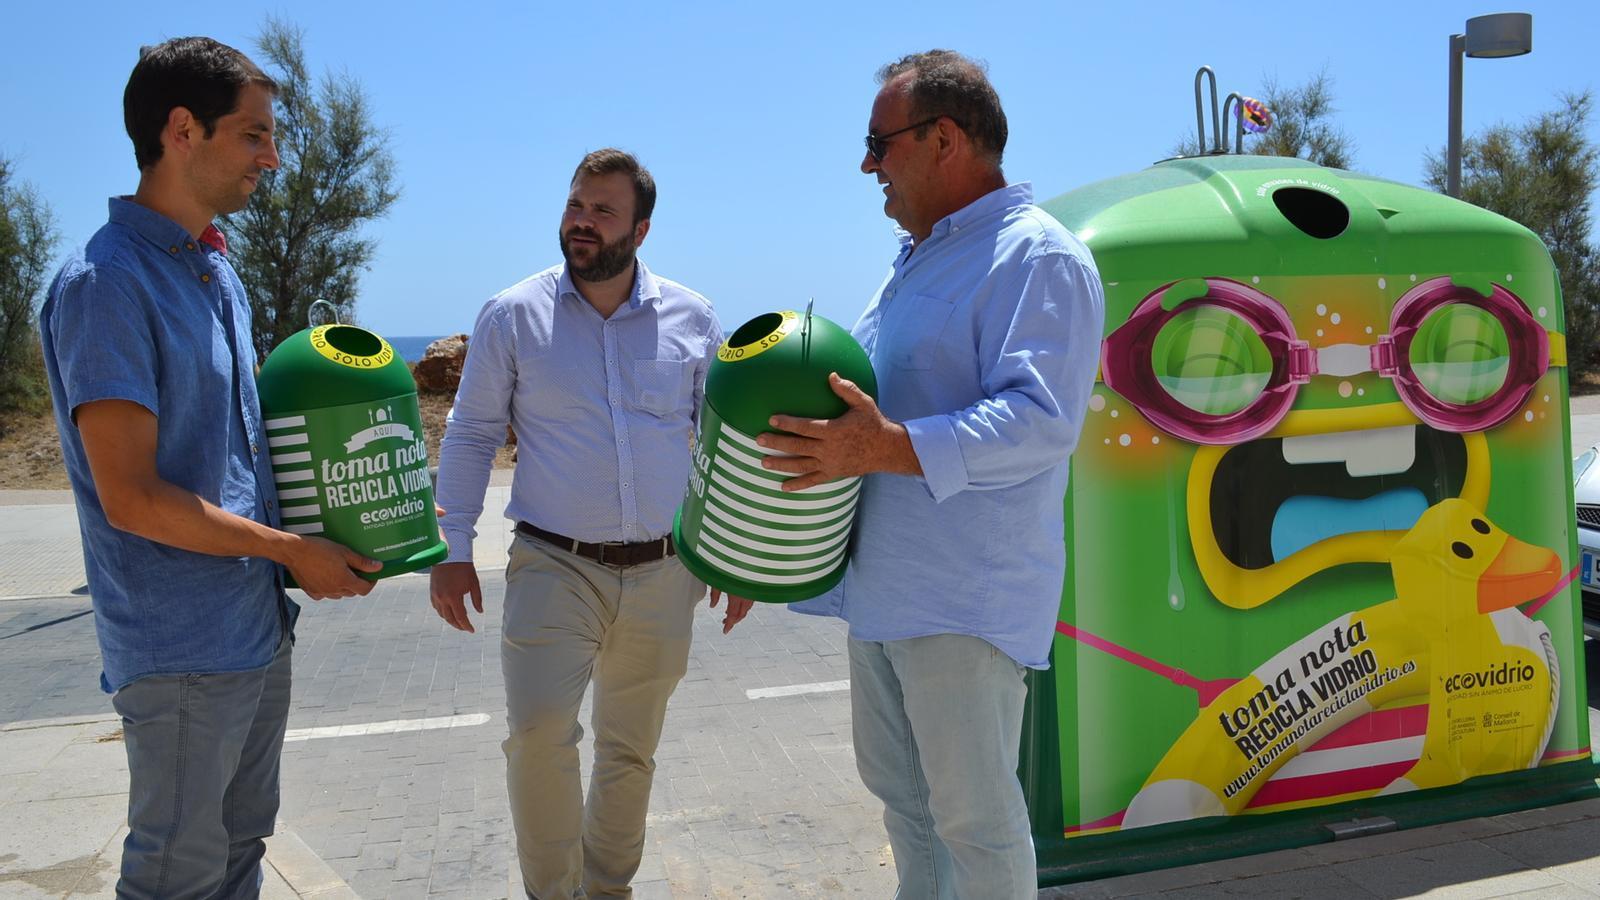 Els poals contenidors que seran entregats a establiments perquè col·laborin en la campanya.